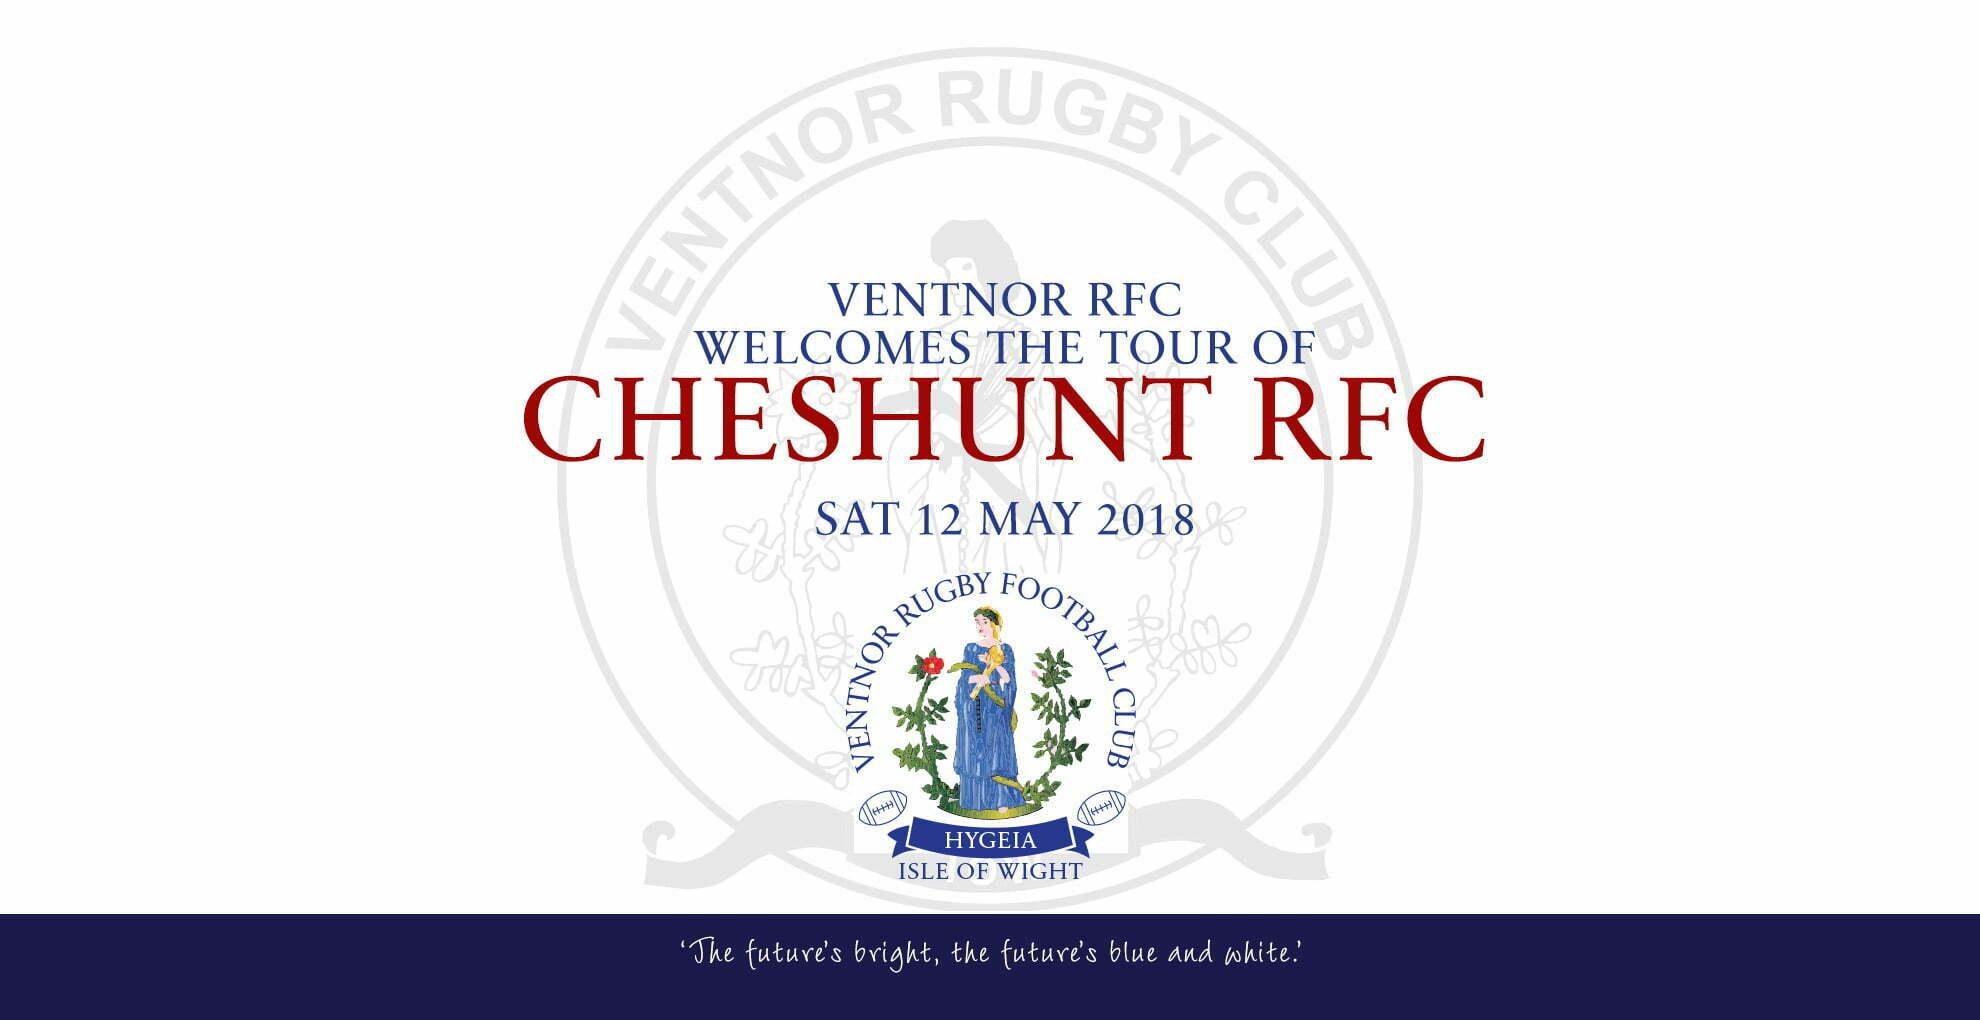 cheshunt-rfc-tour-2018-v-ventnor-rfc-12052018